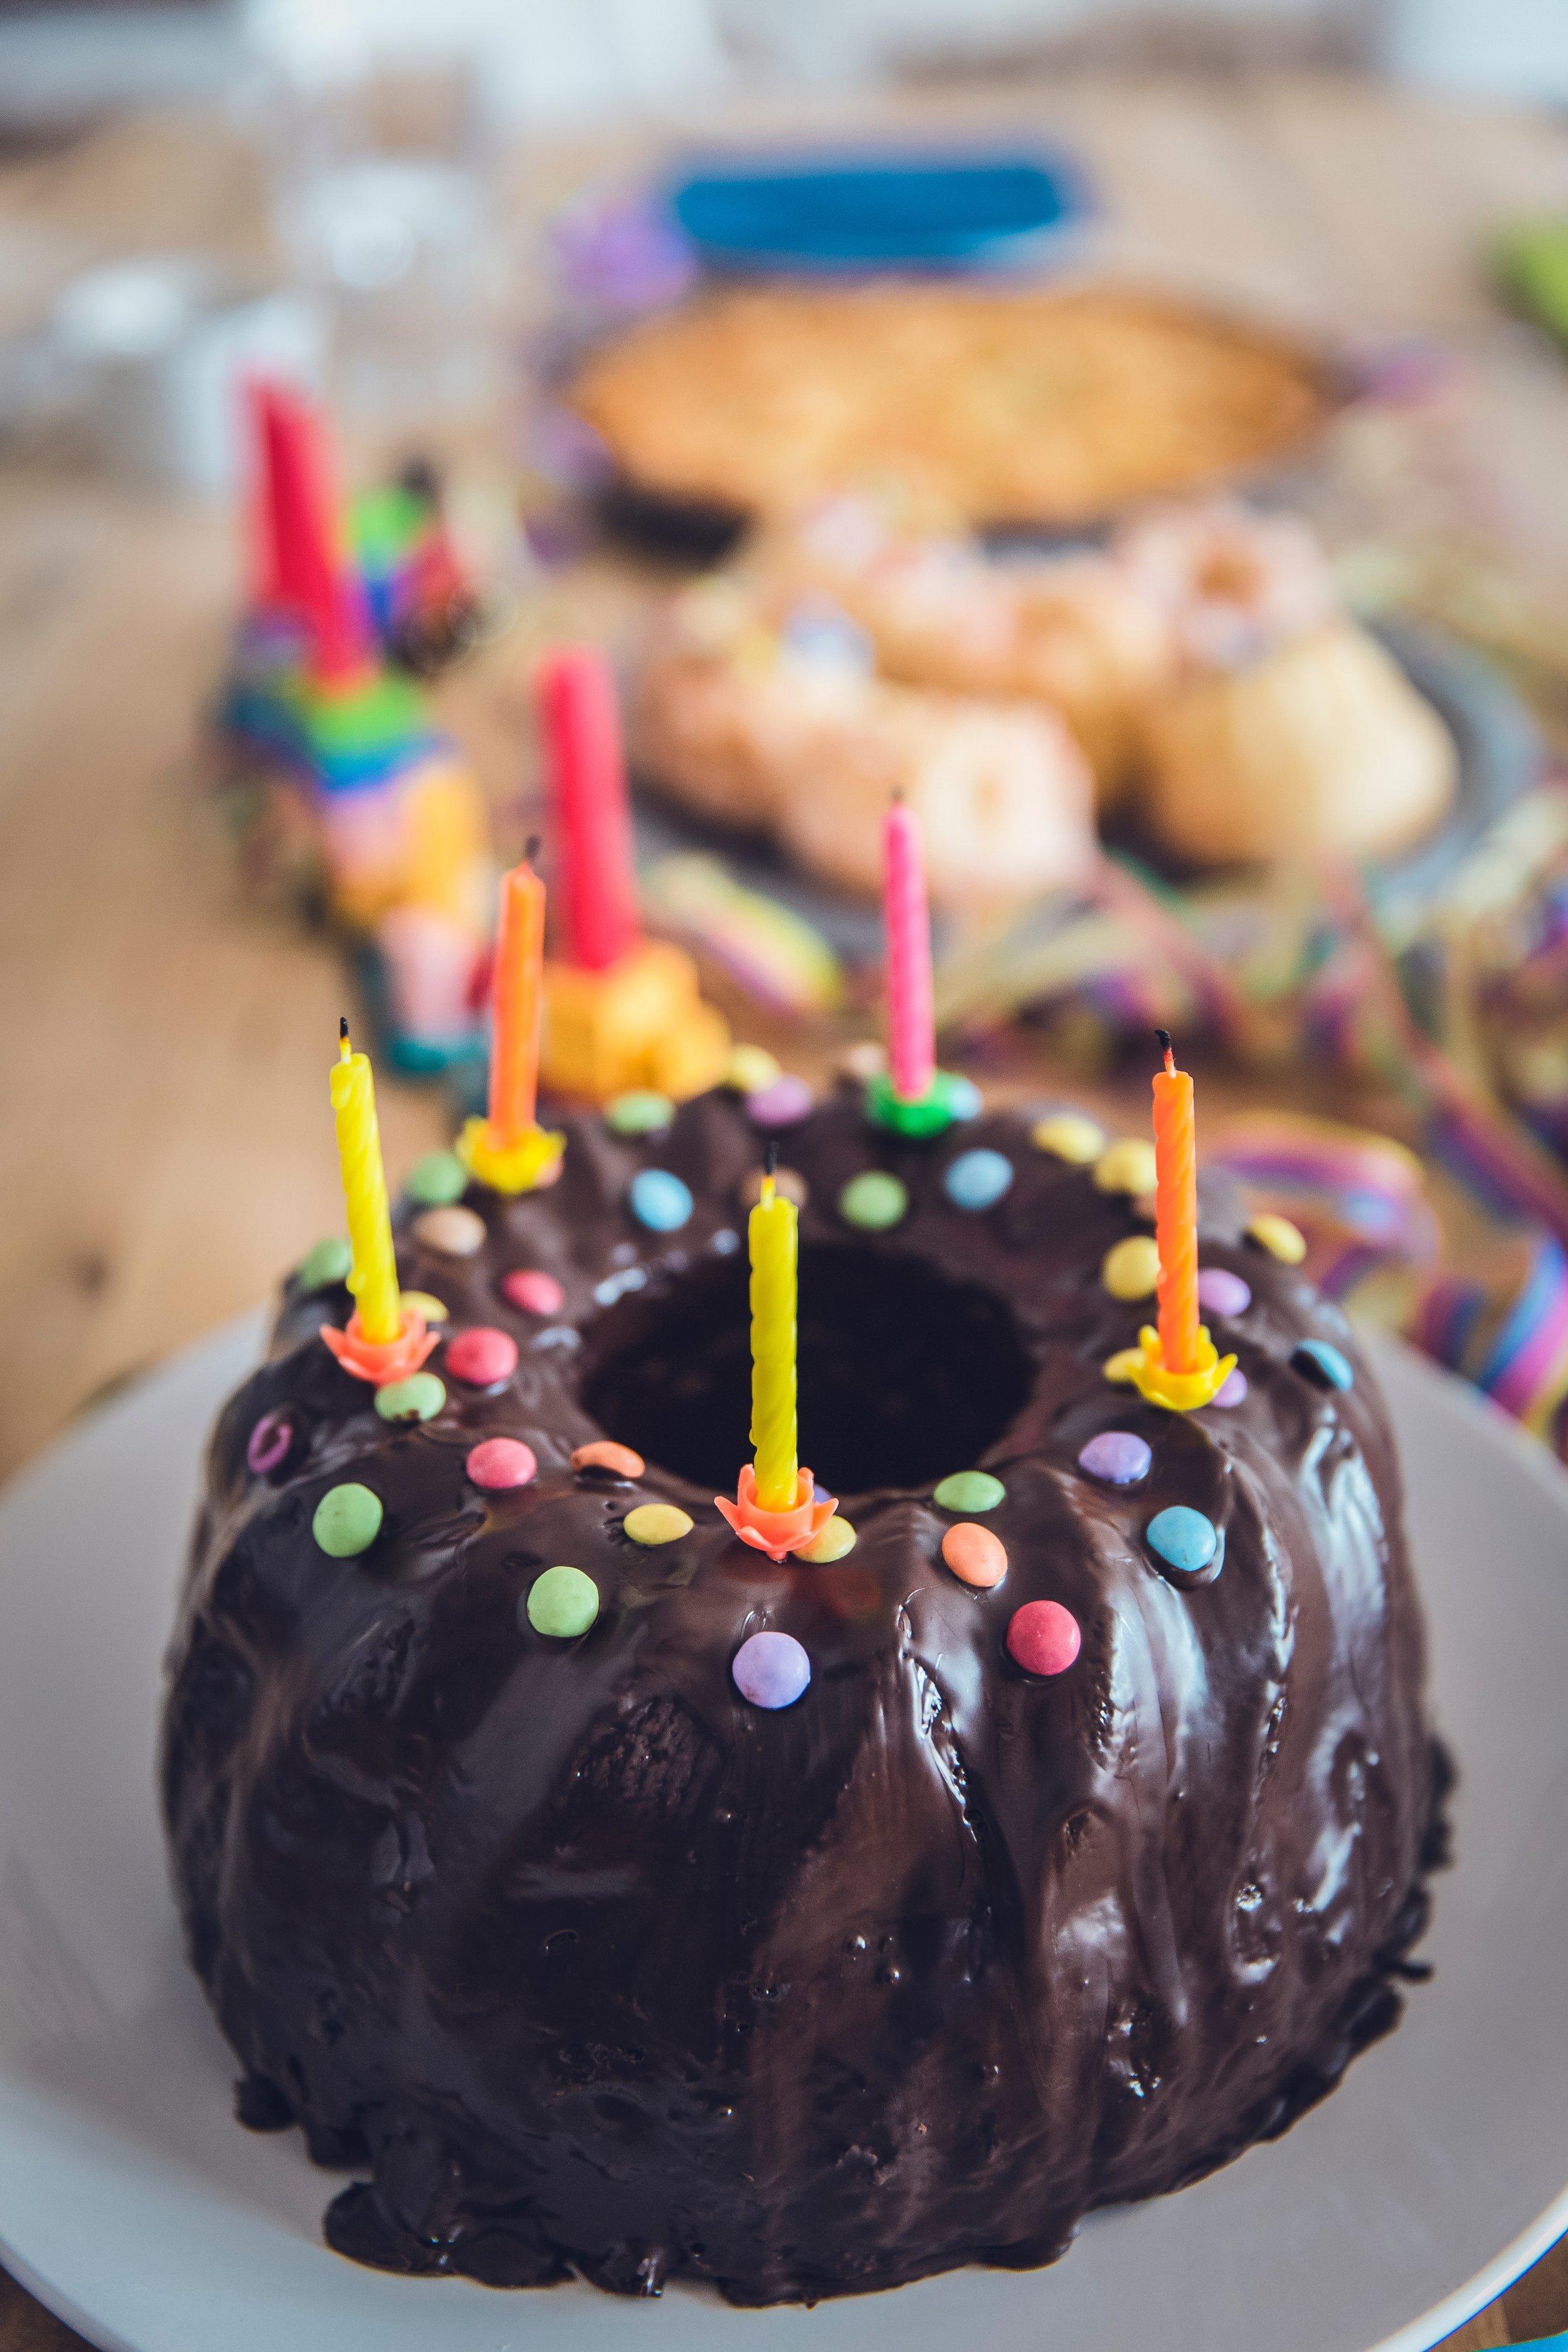 baked-birthday-birthday-cake-369267.jpg